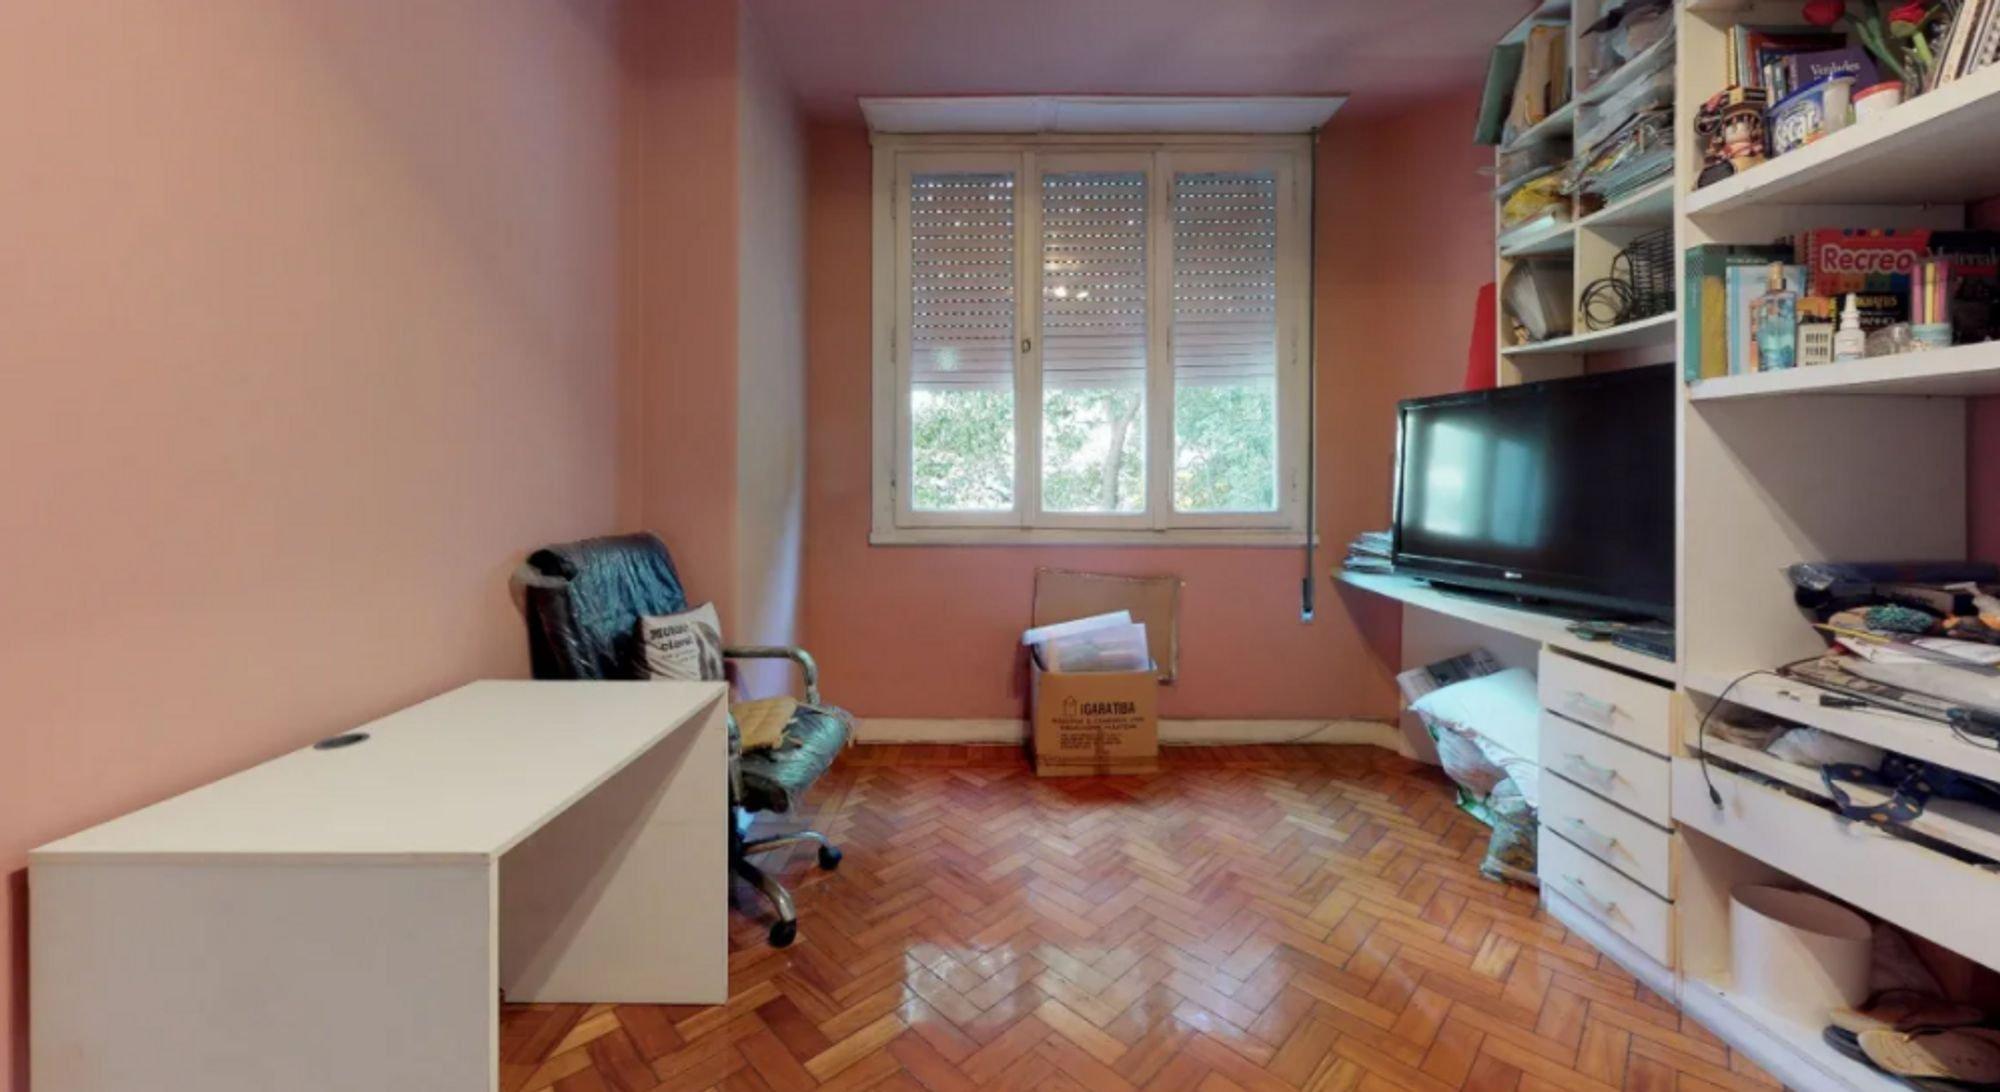 Foto de Sala com televisão, cadeira, pessoa, livro